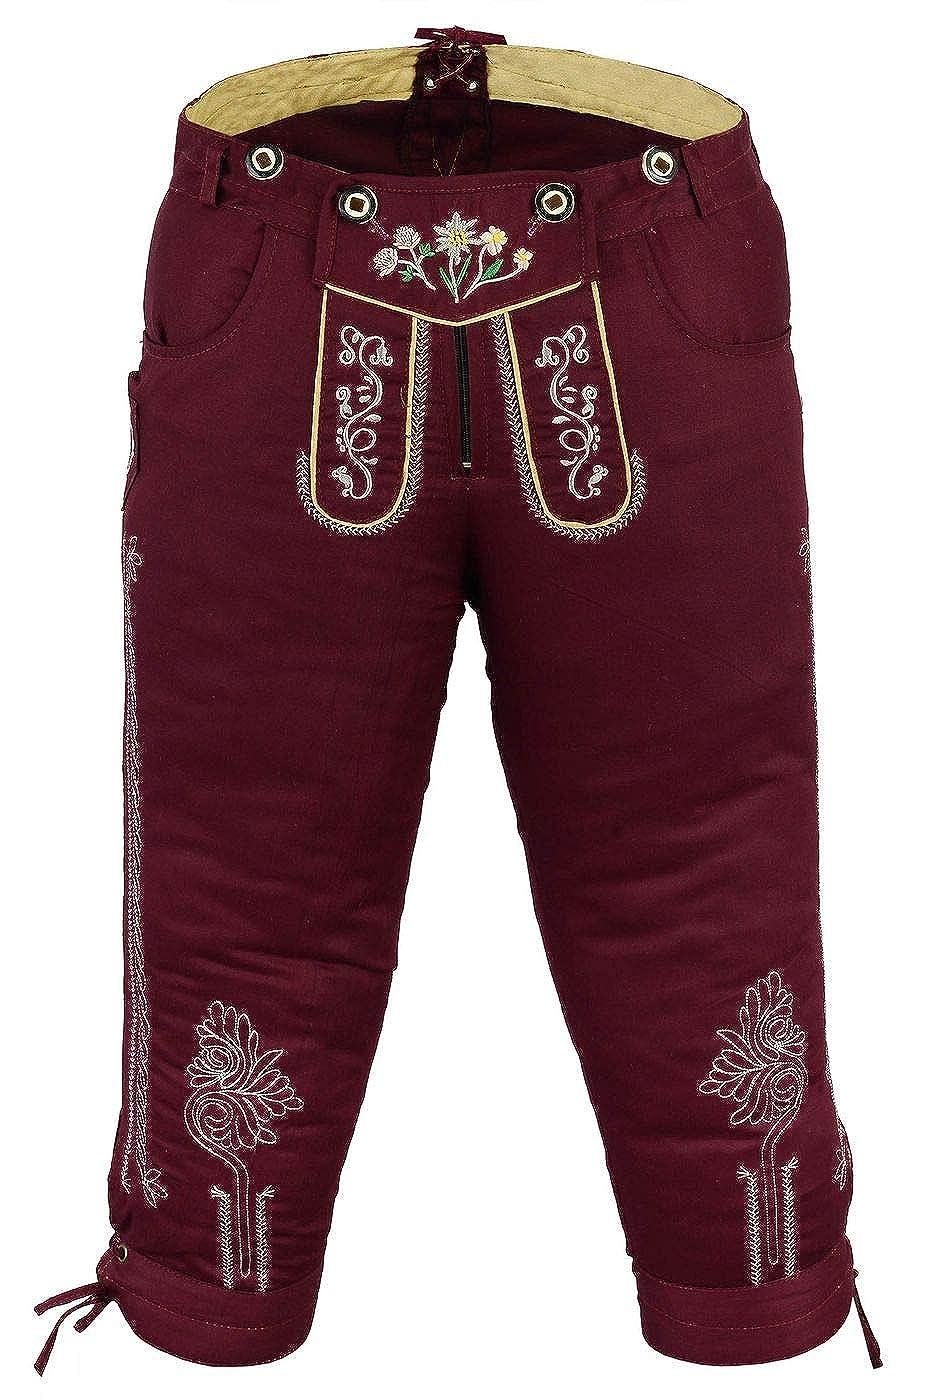 German Wear Damen Trachten Kniebundhose Jeans Hose kostüme mit Hosenträgern in der 4X Farben B00PGG8334 Lederhosen Qualität und Verbraucher an erster Stelle